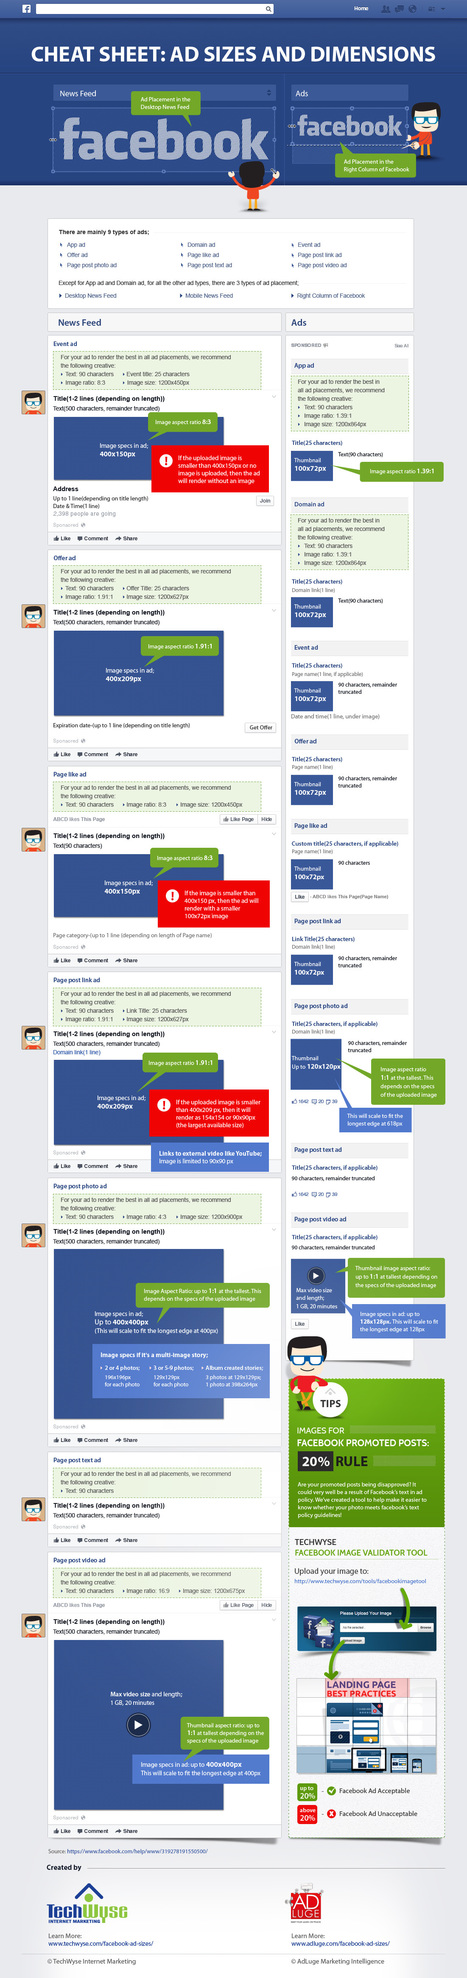 [infographie] Un guide des tailles des publicités sur Facebook   frenchsocialmarketing   Scoop.it